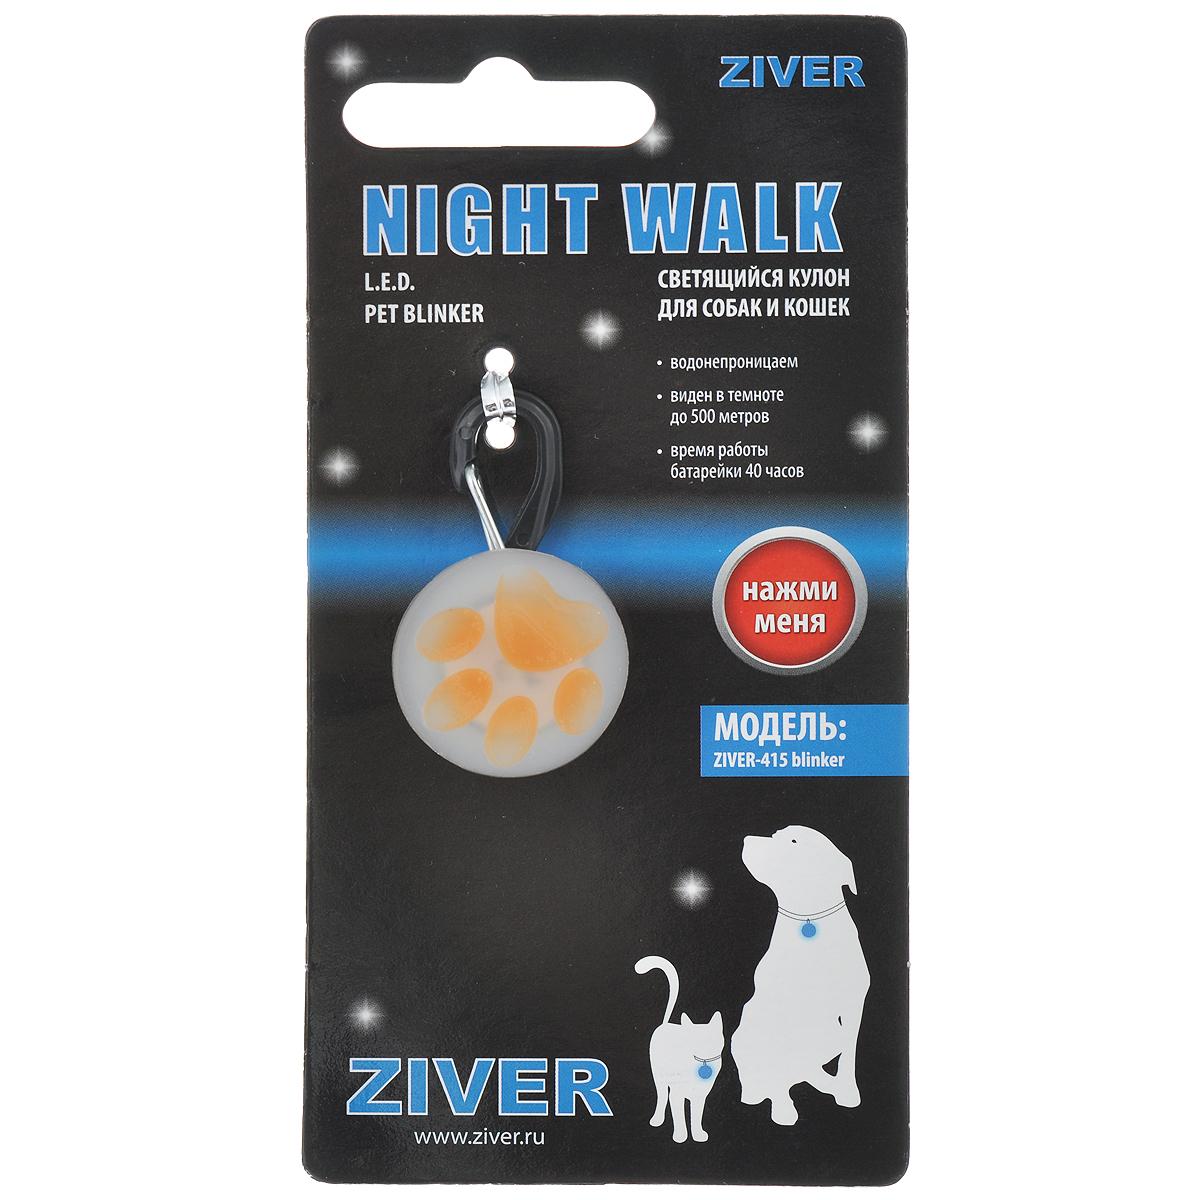 Кулон-блинкер Ziver-415 для кошек и собак, светящийся, цвет: оранжевый40.ZV.070Кулон-блинкер Ziver-415 выполнен из высококачественного пластика и металла в виде круглой подвески и декорирован рельефом в форме лапы. Это небольшой и легкий кулон обеспечит безопасность вашей кошке и собаке. Особенности: - один режим мигания, - в темное время виден на расстоянии до 500 метров, - удобный крепкий карабин для ошейника или шлейки, - маленький размер (подходит для всех пород собак), - работает от одной батарейки типа СR927 (входит в комплект), - 100% водонепроницаем (можно погружать в воду и нырять), - работает при температуре от 15°C до 30°C.